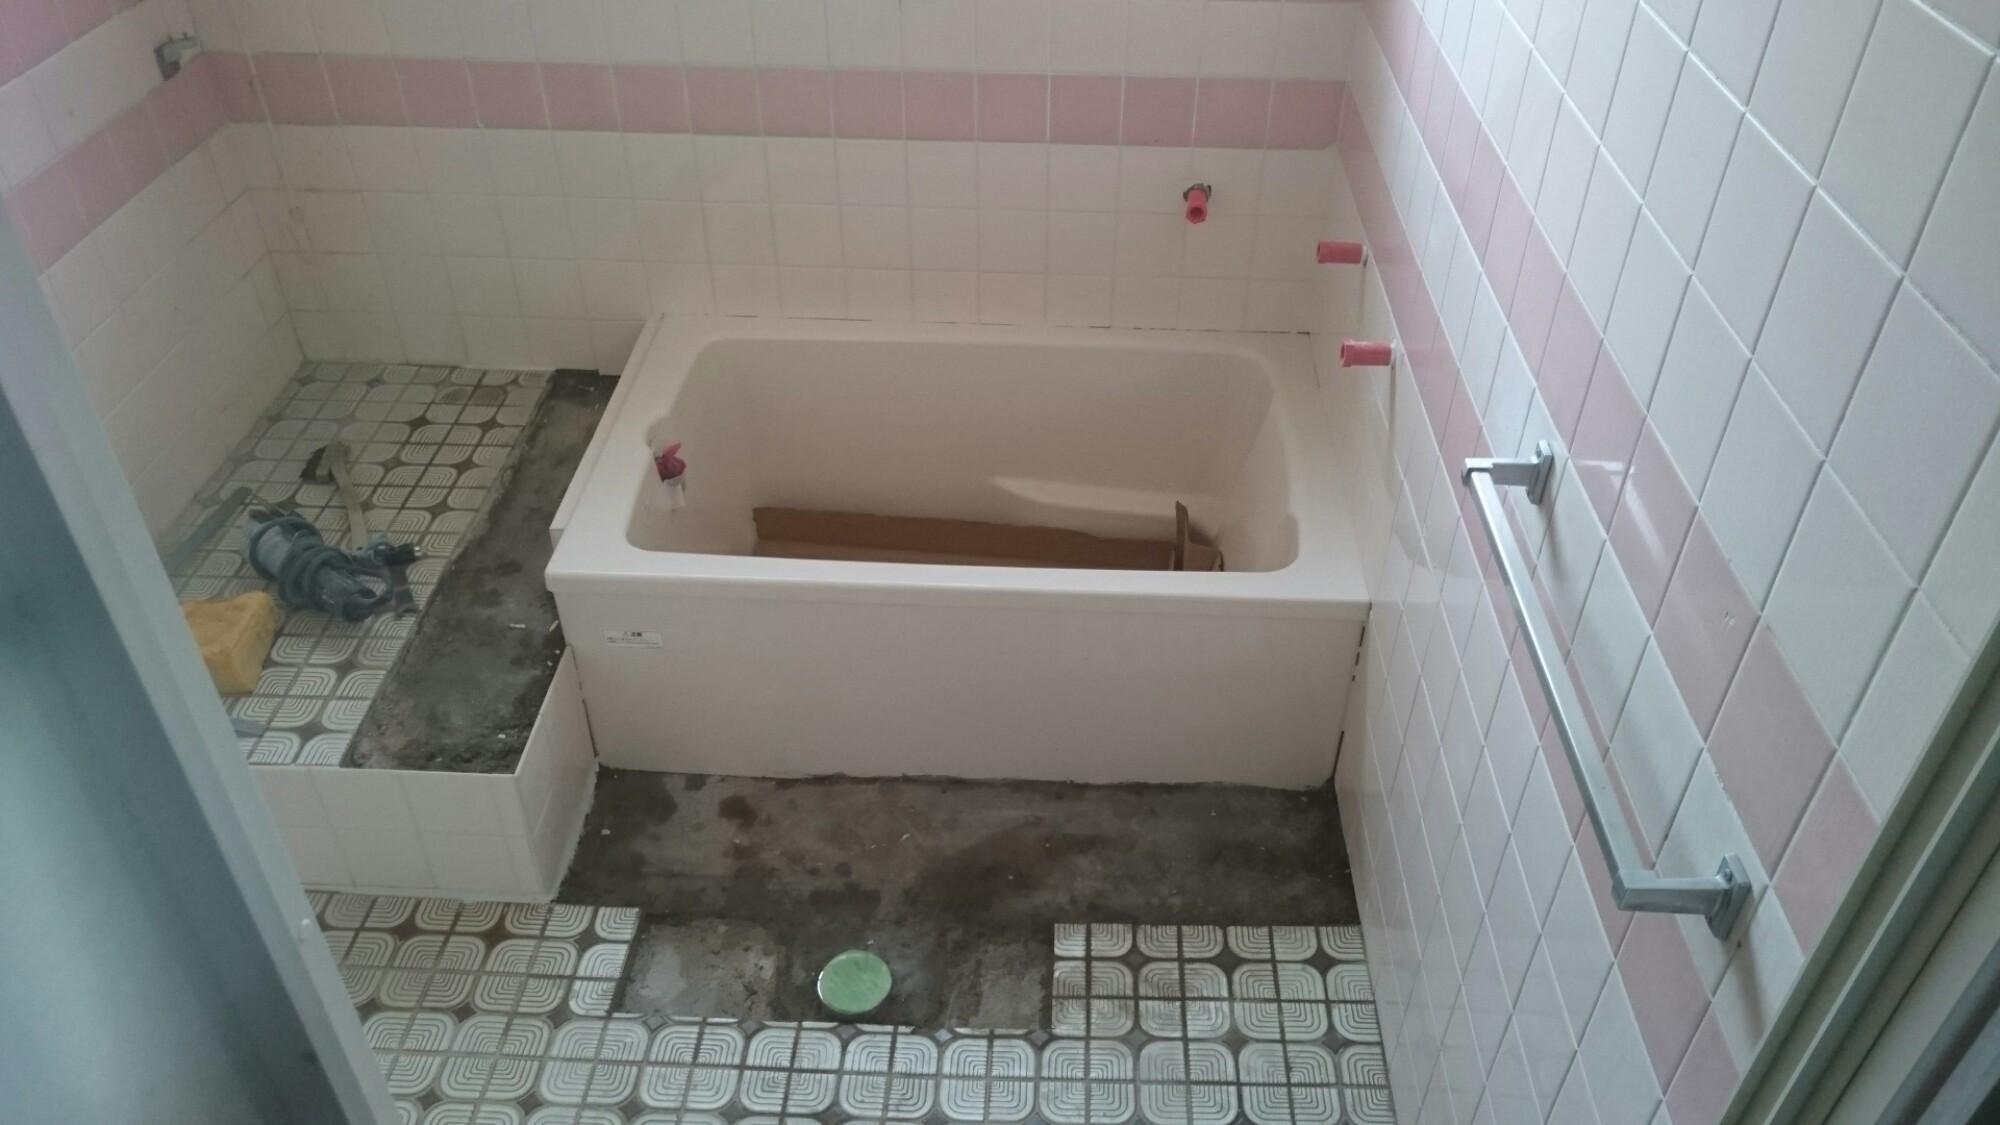 西条市 浴槽入替え タイル補修リフォーム 施工中2